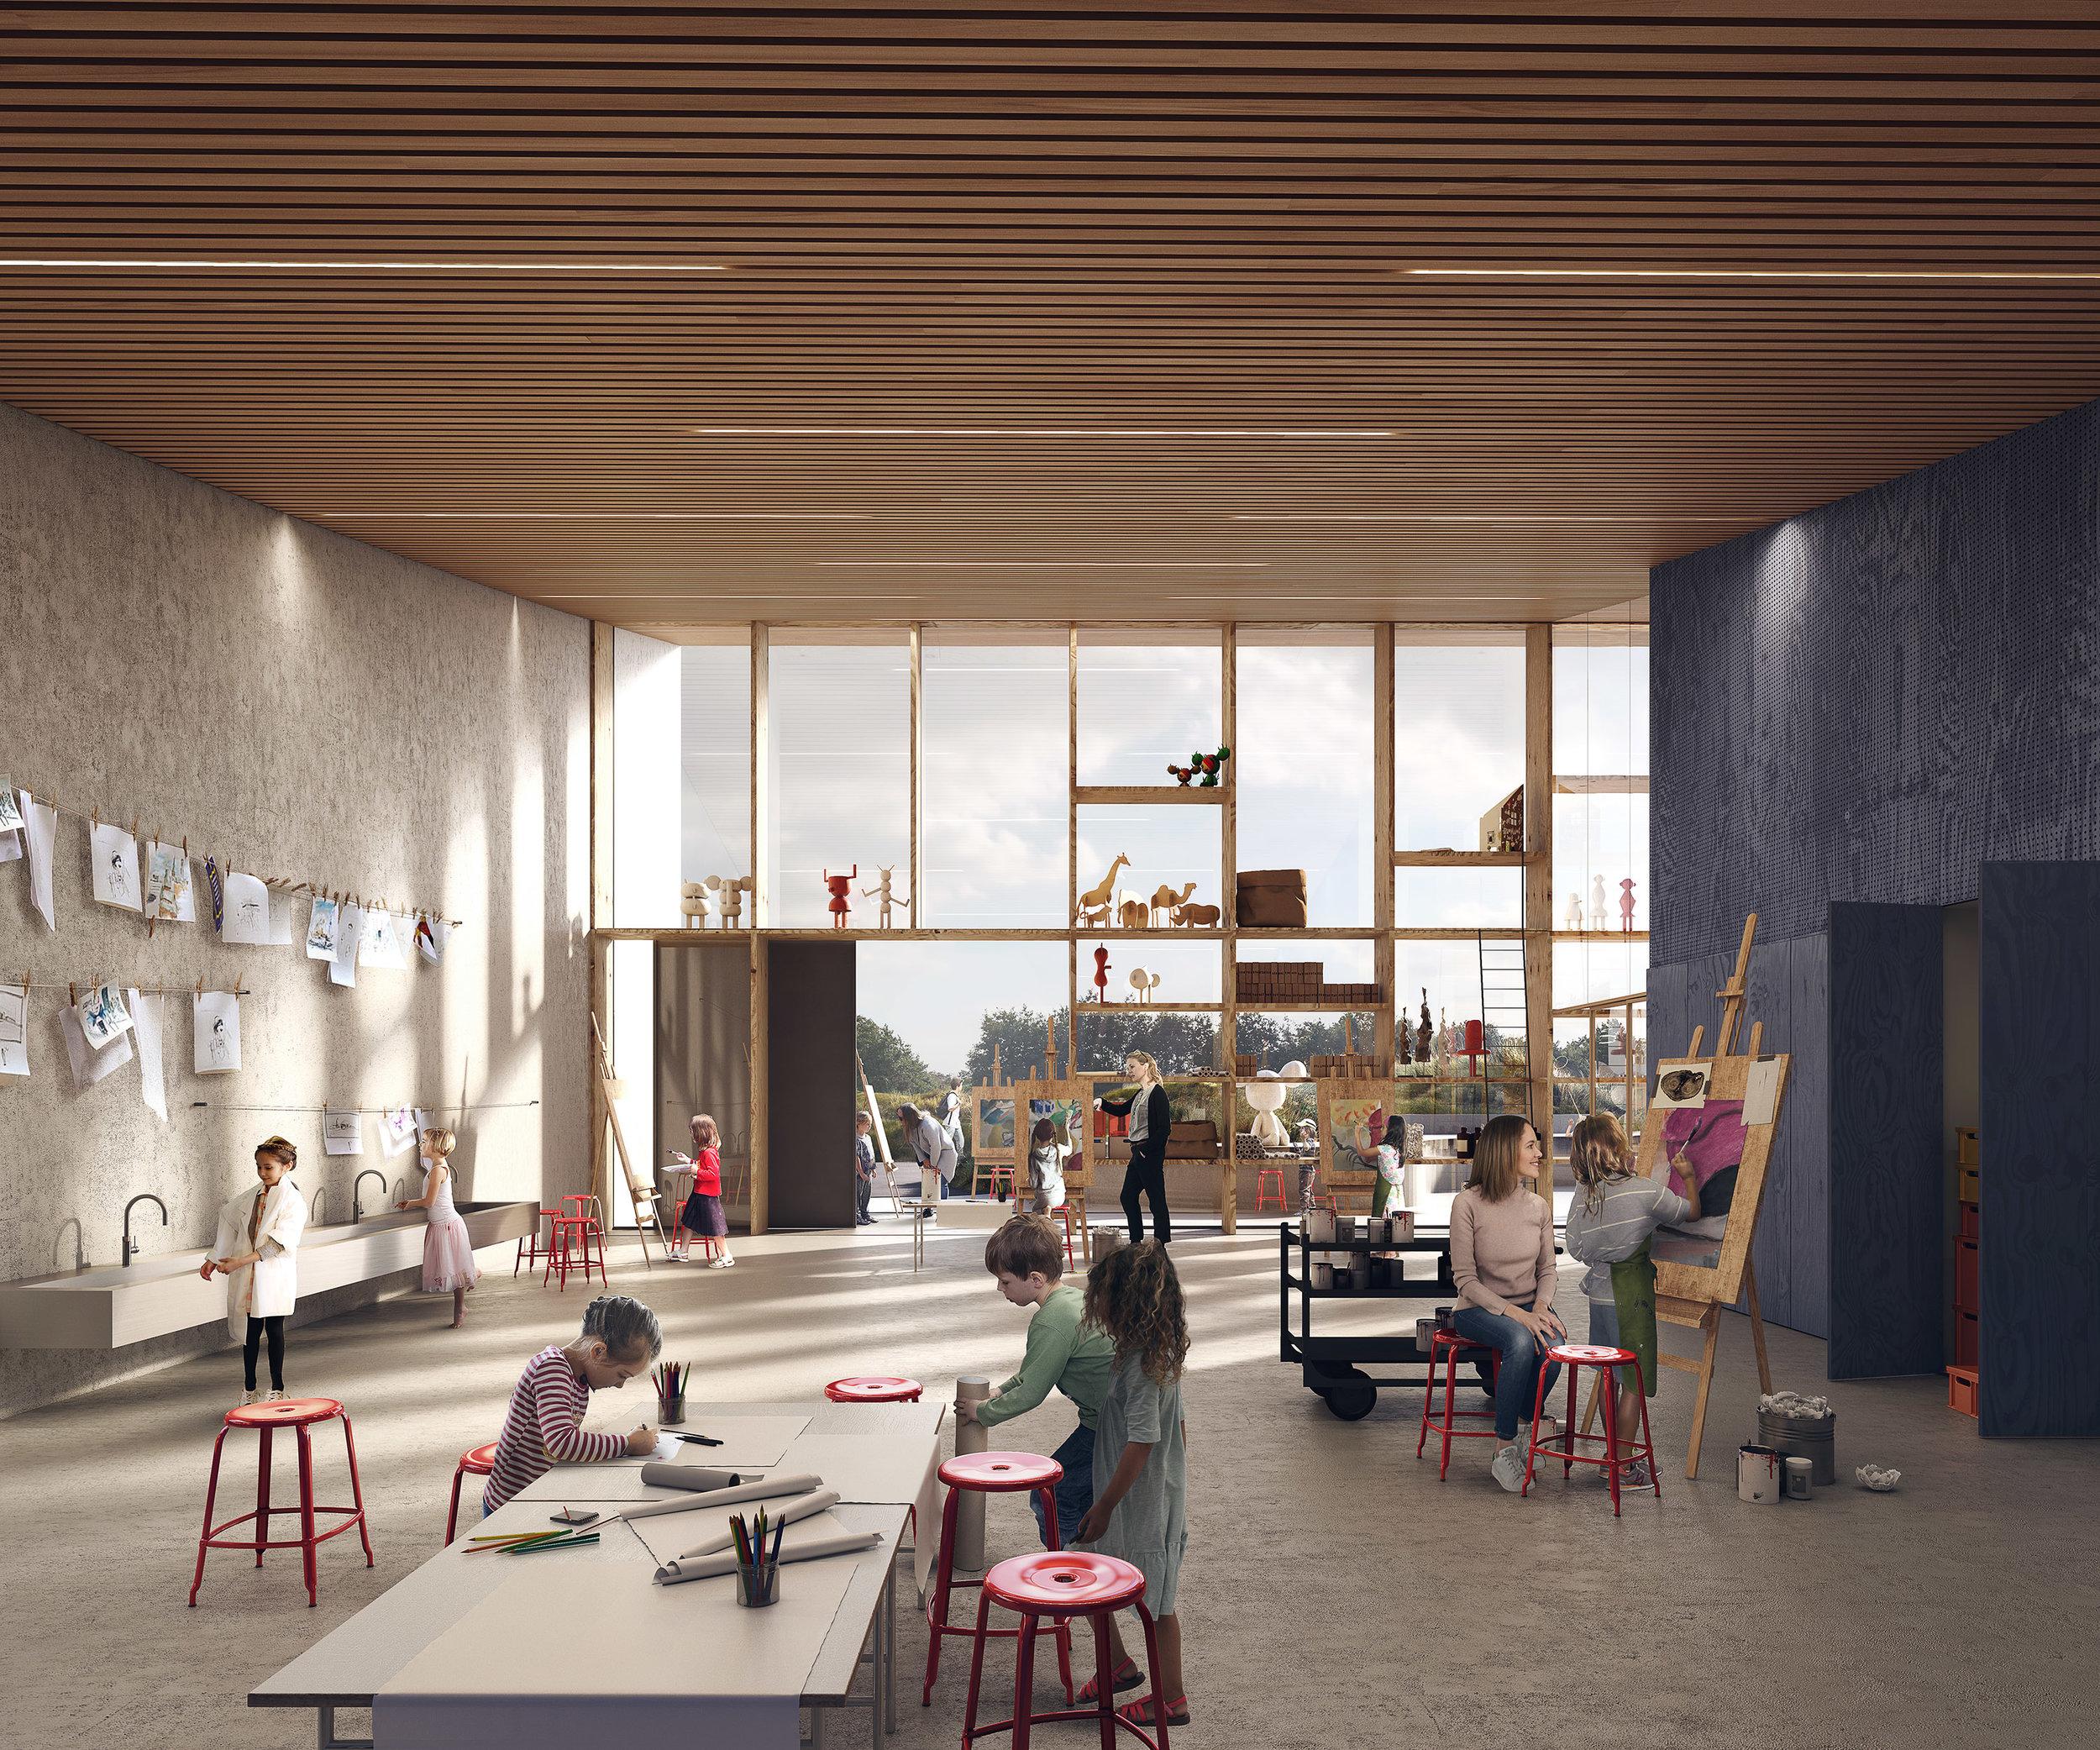 Skærbæk Skole. Competition entry of a school project in Tønder, DK.